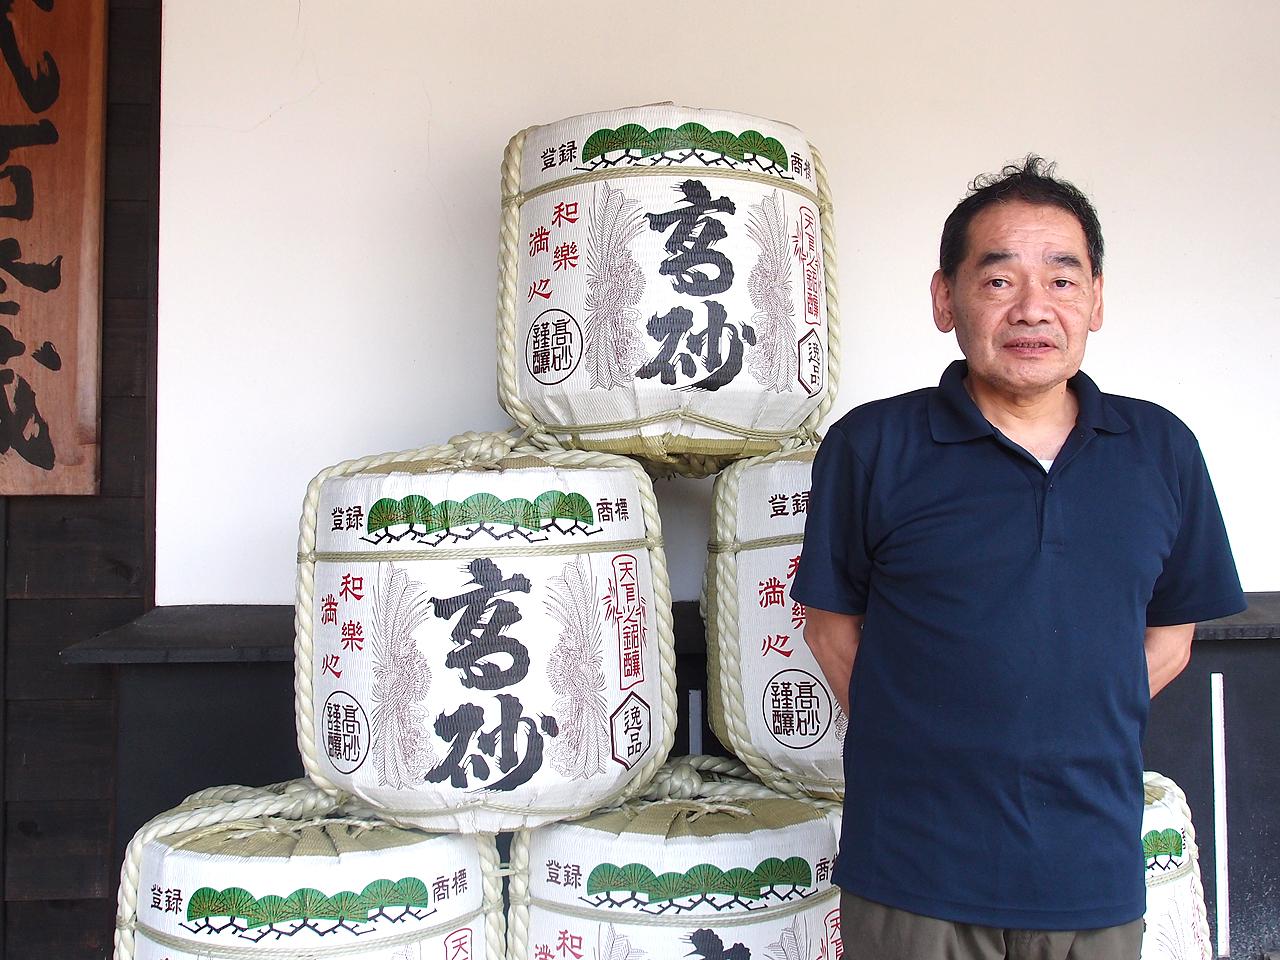 富士高砂酒造さん蔵見学